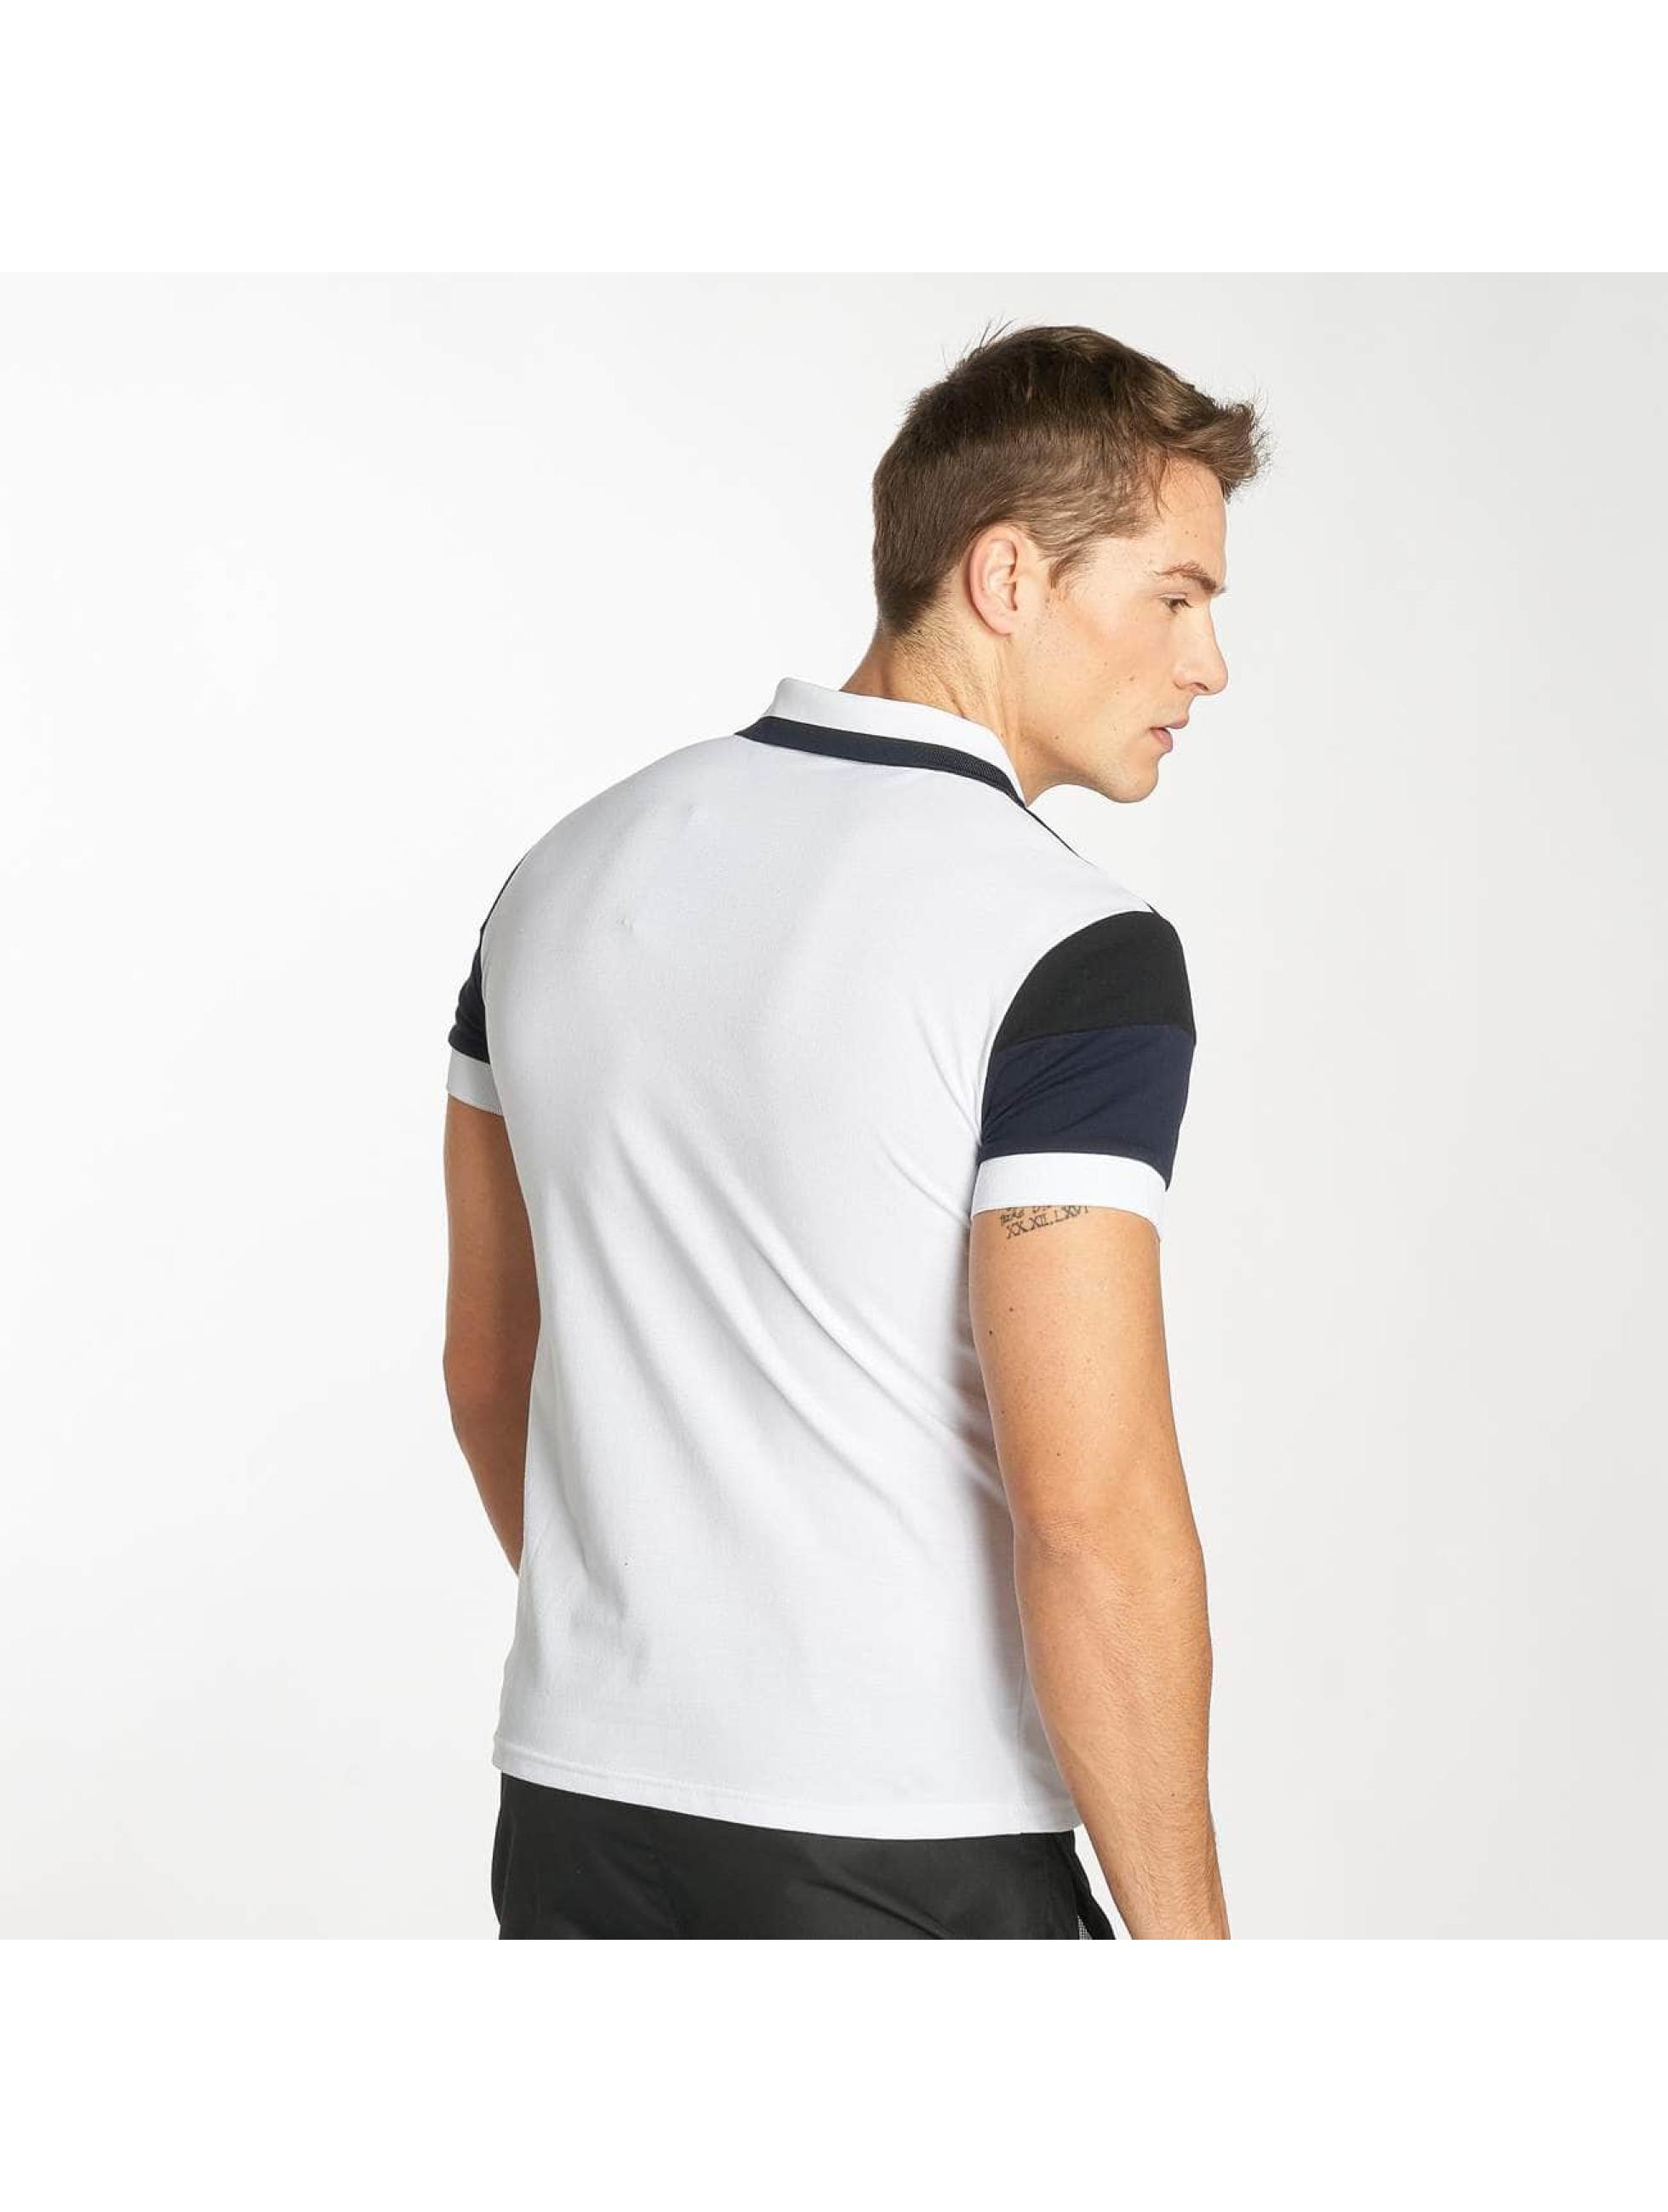 Zayne Paris Koszulki Polo Stripe bialy